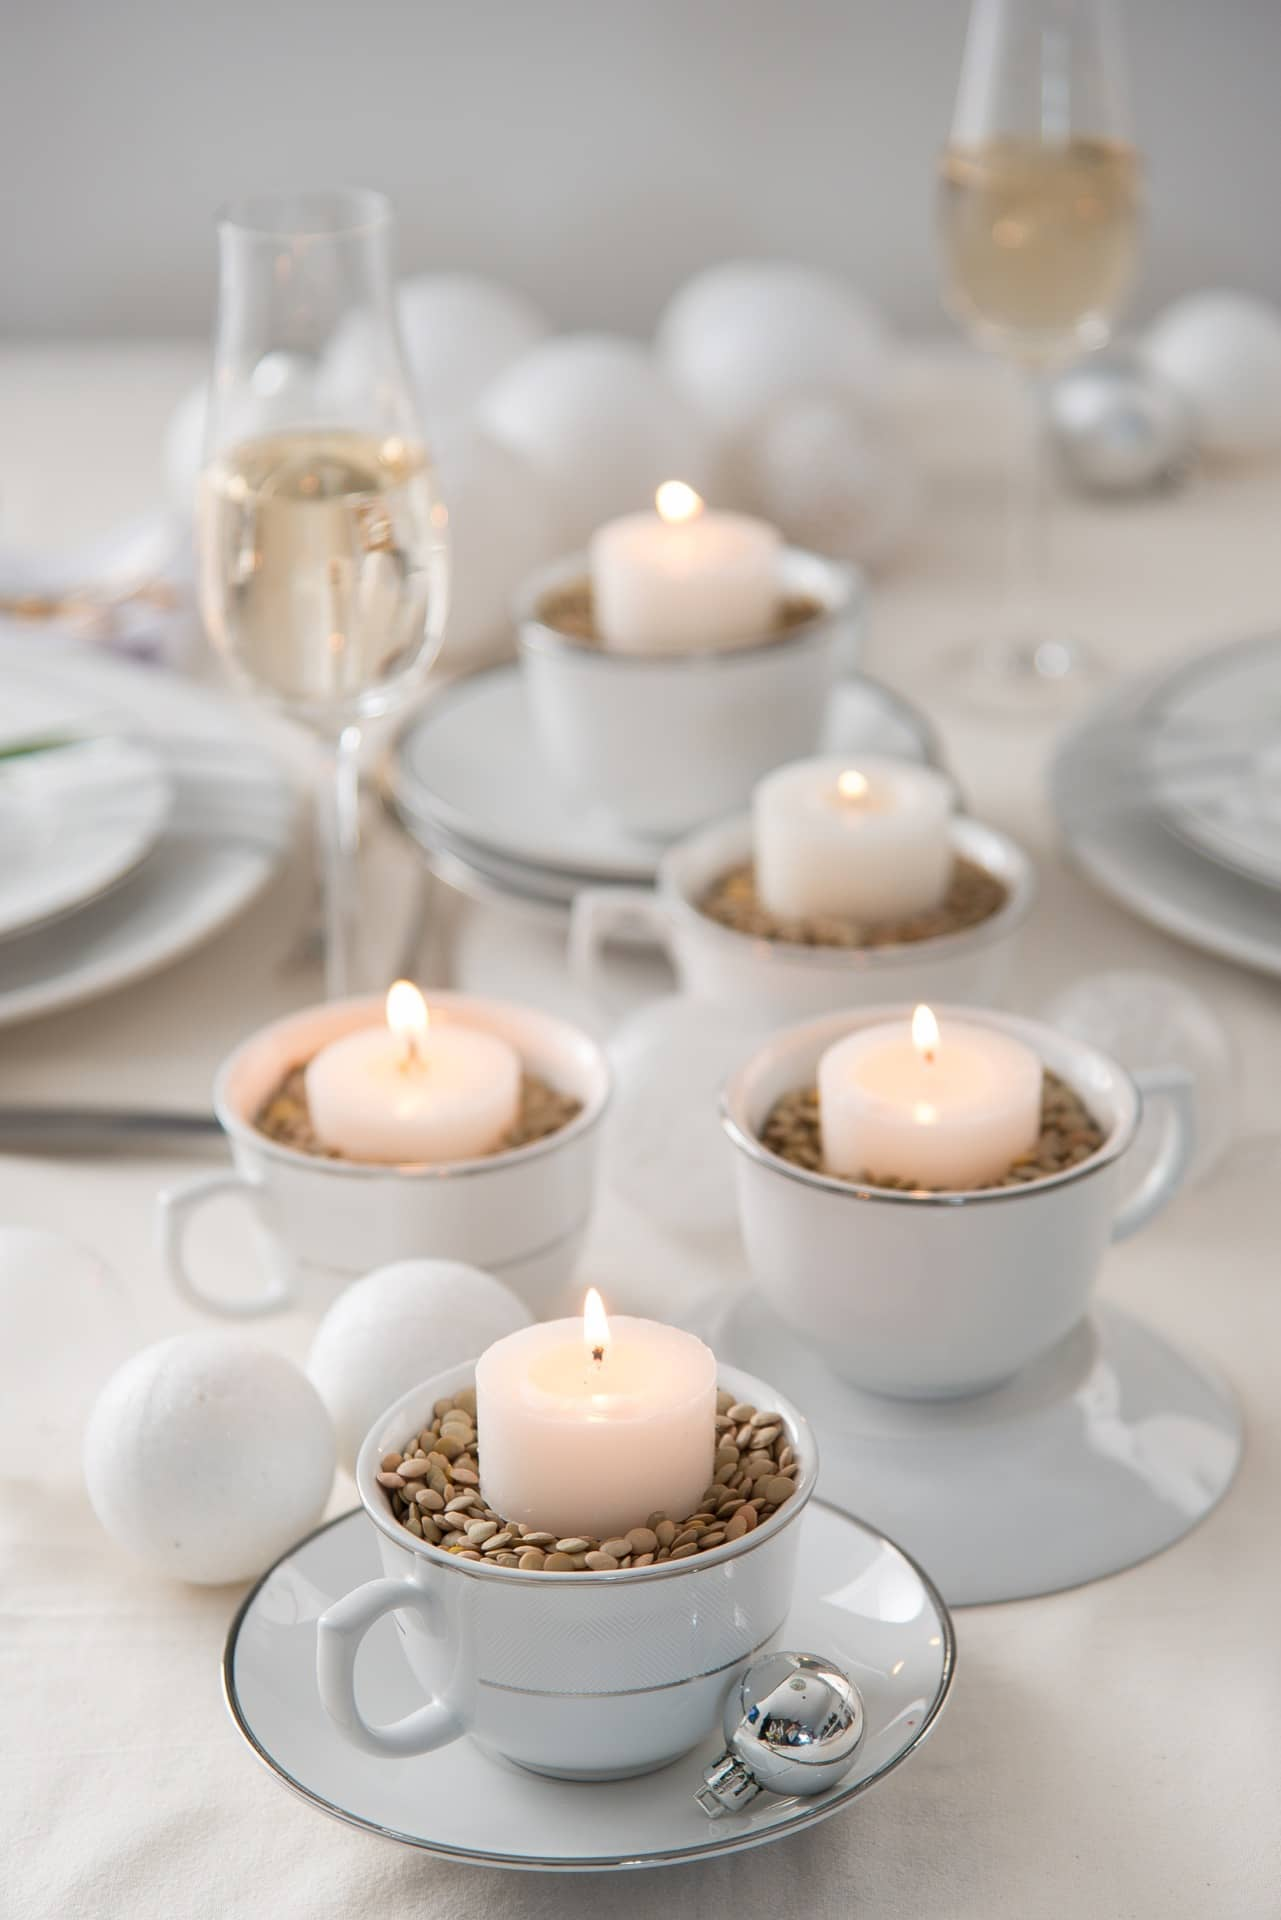 Imagem: Para iluminar a noite, xícaras com lentilha servem de base para as velas. Varie a altura do conjunto virando alguns pires de cabeça para baixo, e empilhando dois ou três pratinhos. Xícaras da coleção Flamingo Diamond da Oxford Porcelanas. Foto: Cacá Bratke.